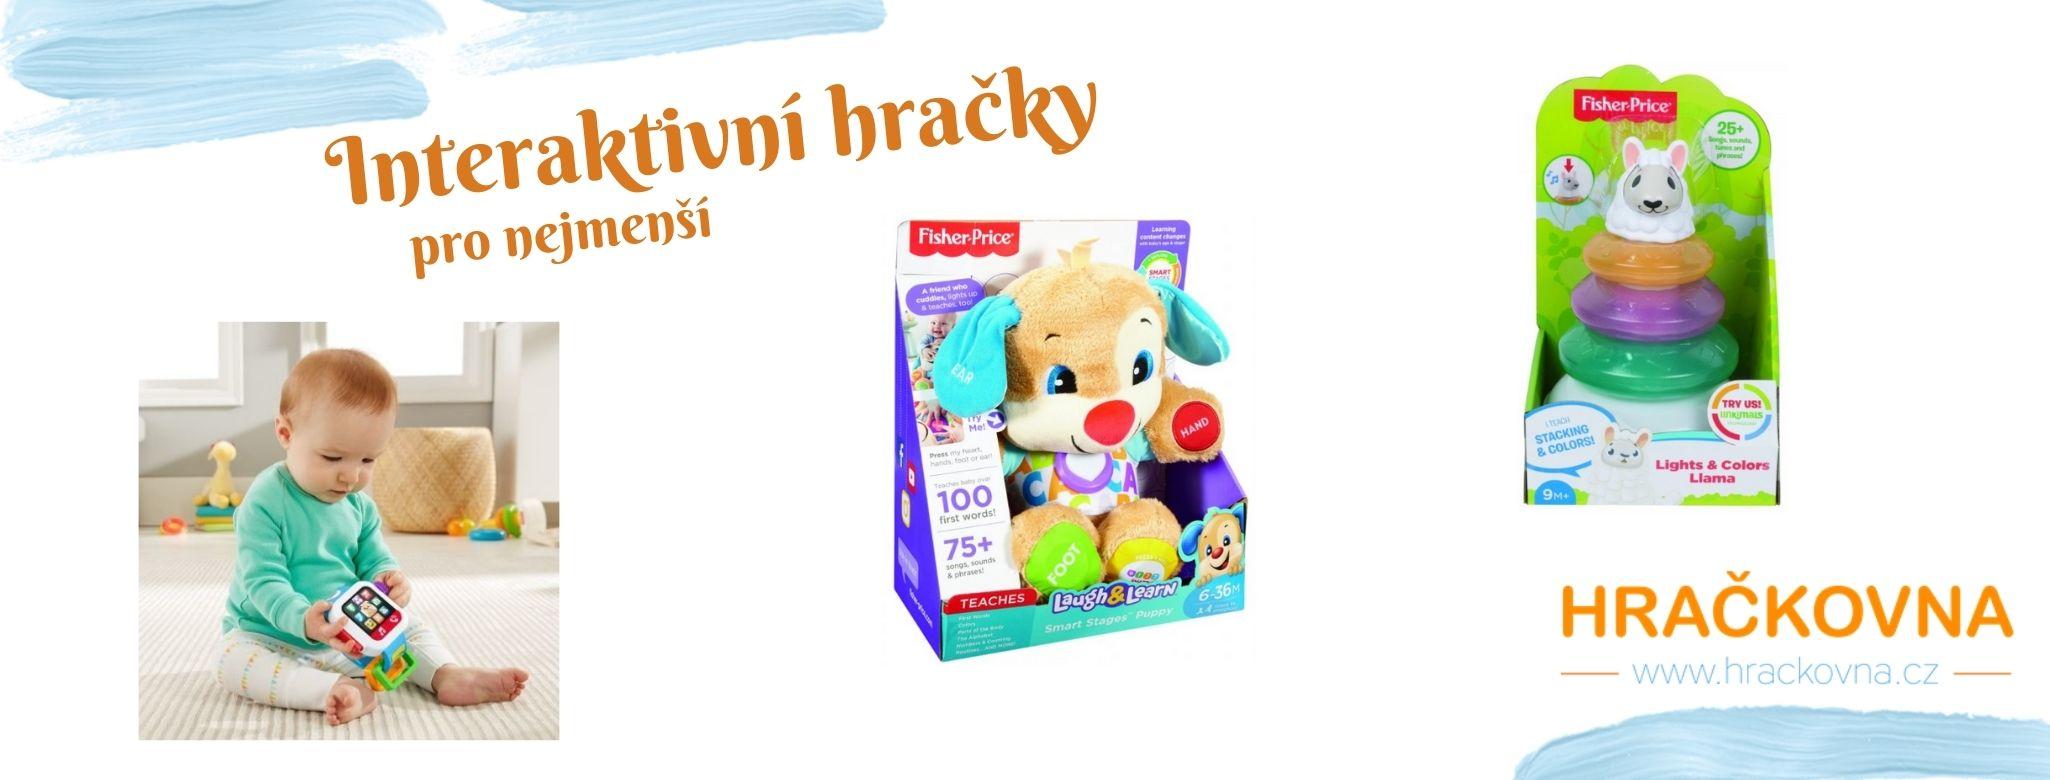 Interaktivní hračky už pro nejmenší děti